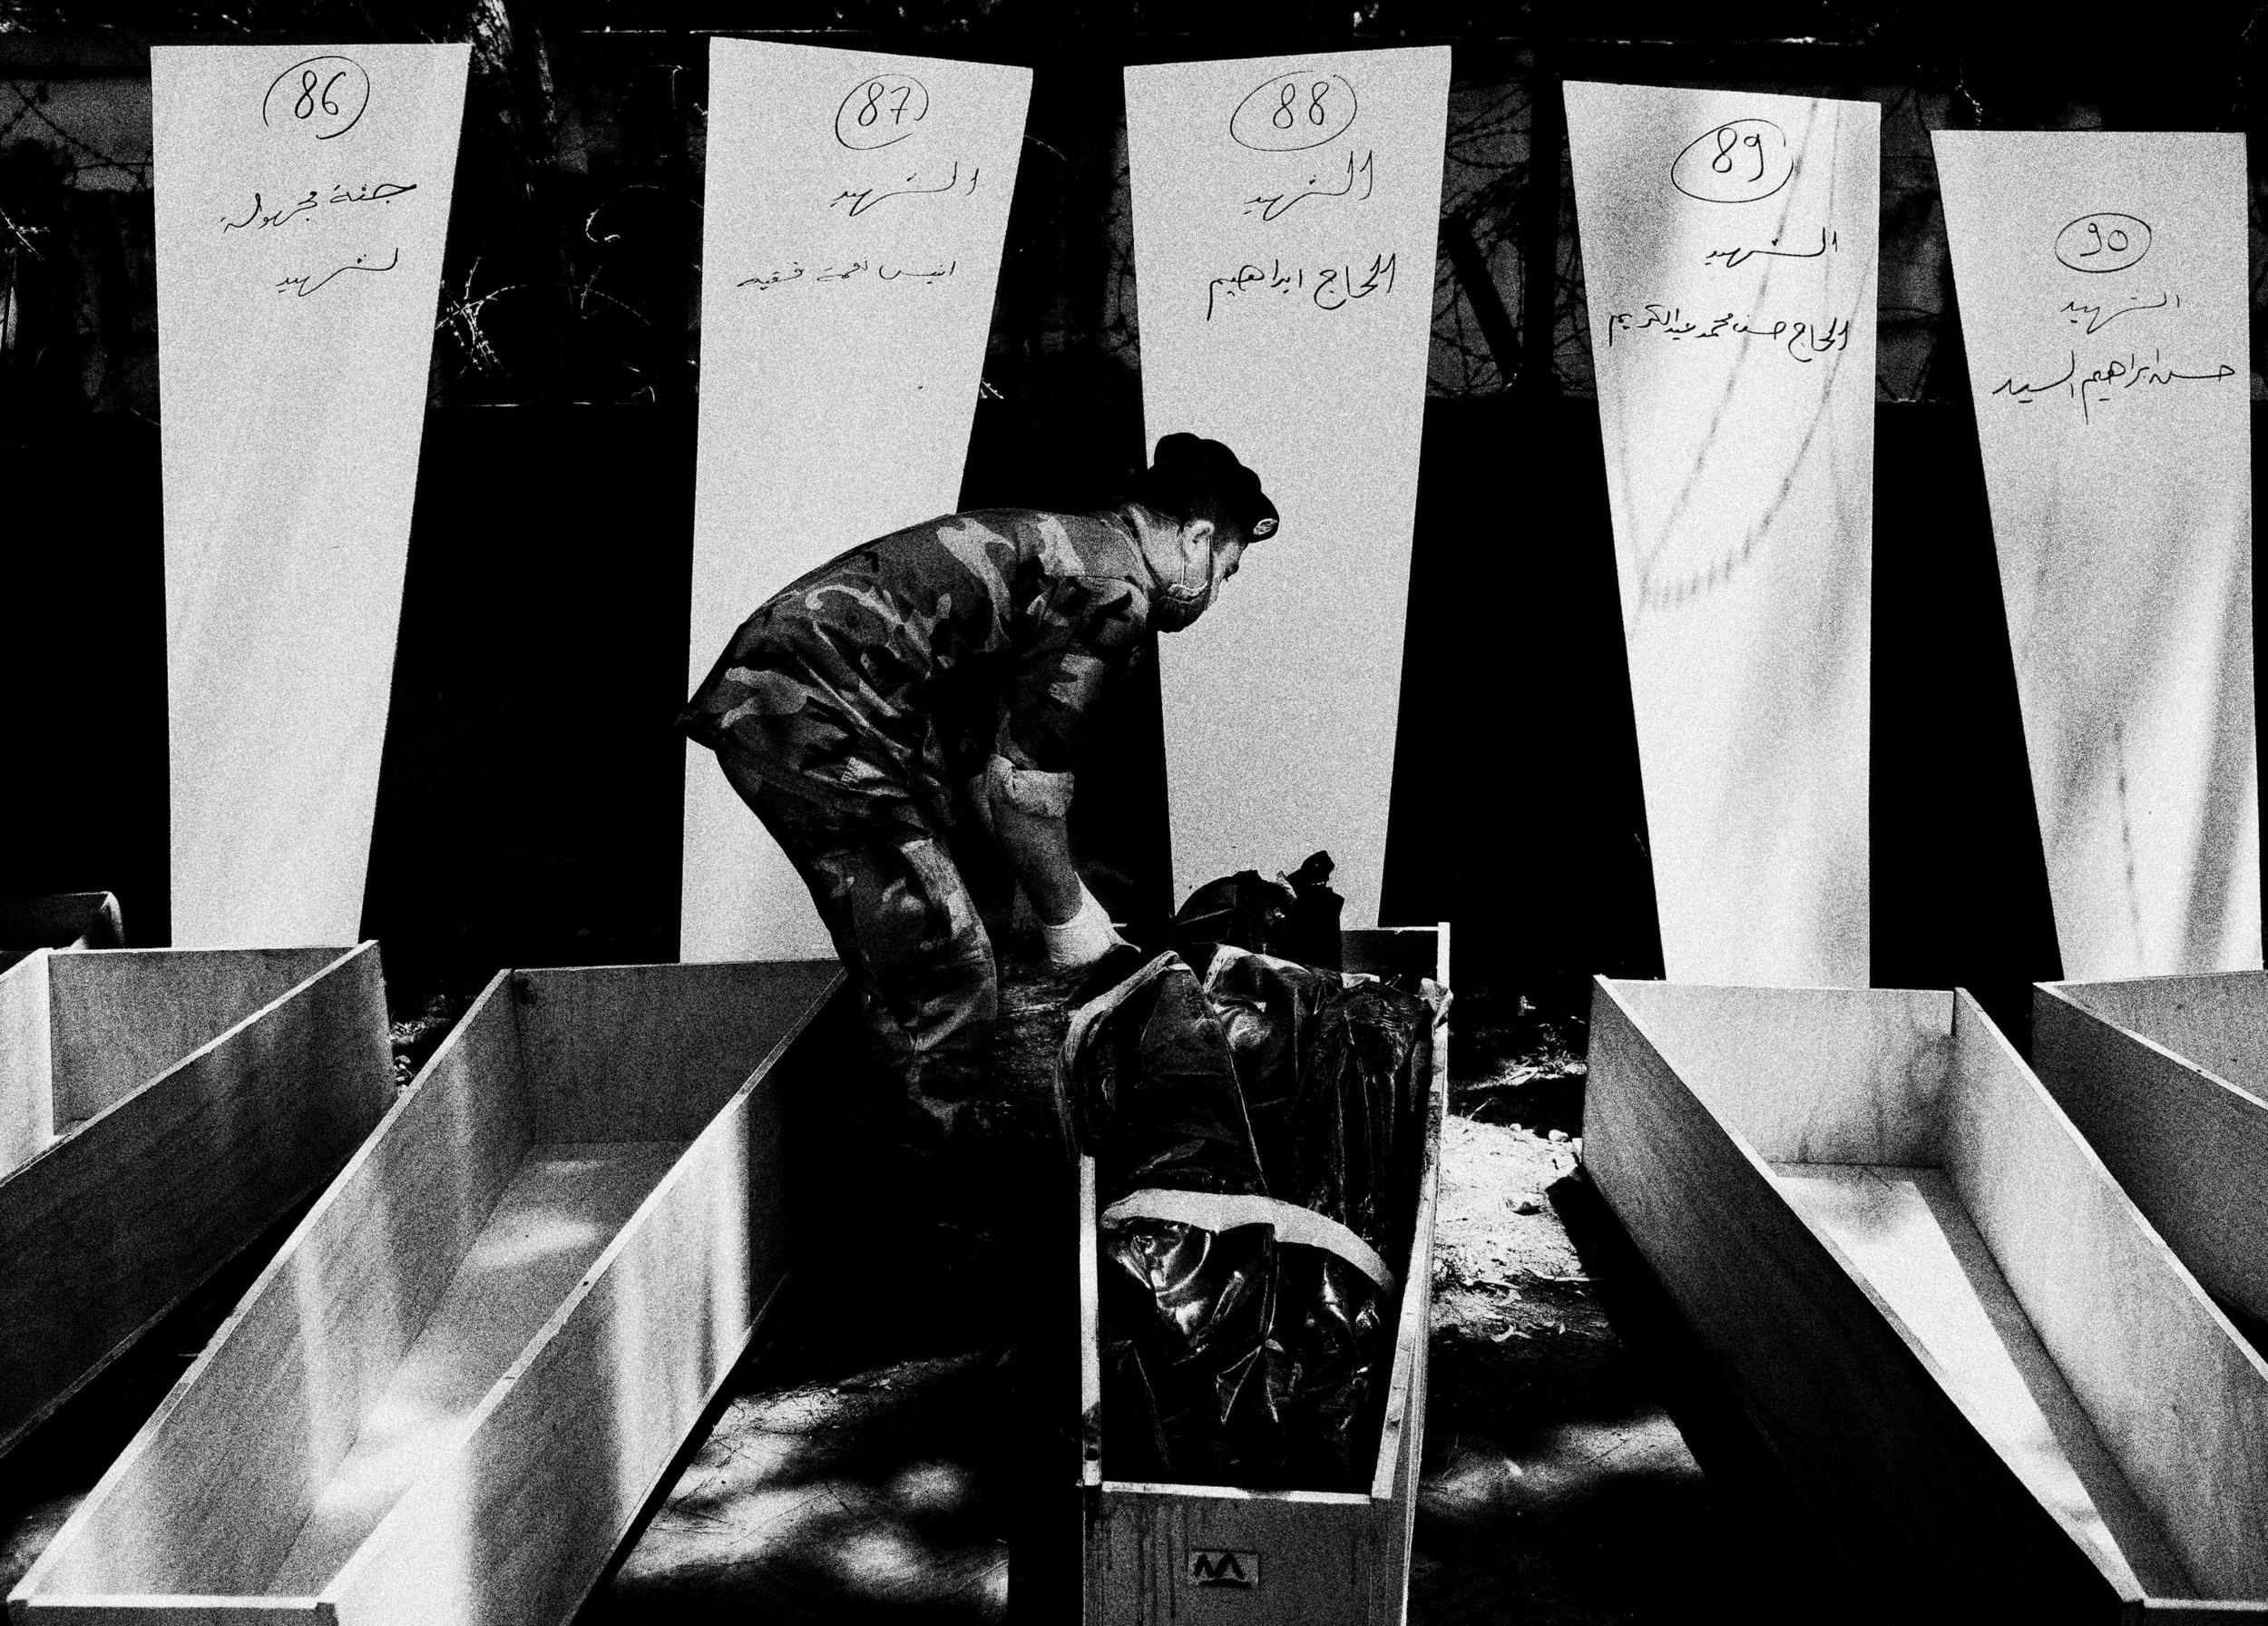 Lebanon_2006_war_014.jpg